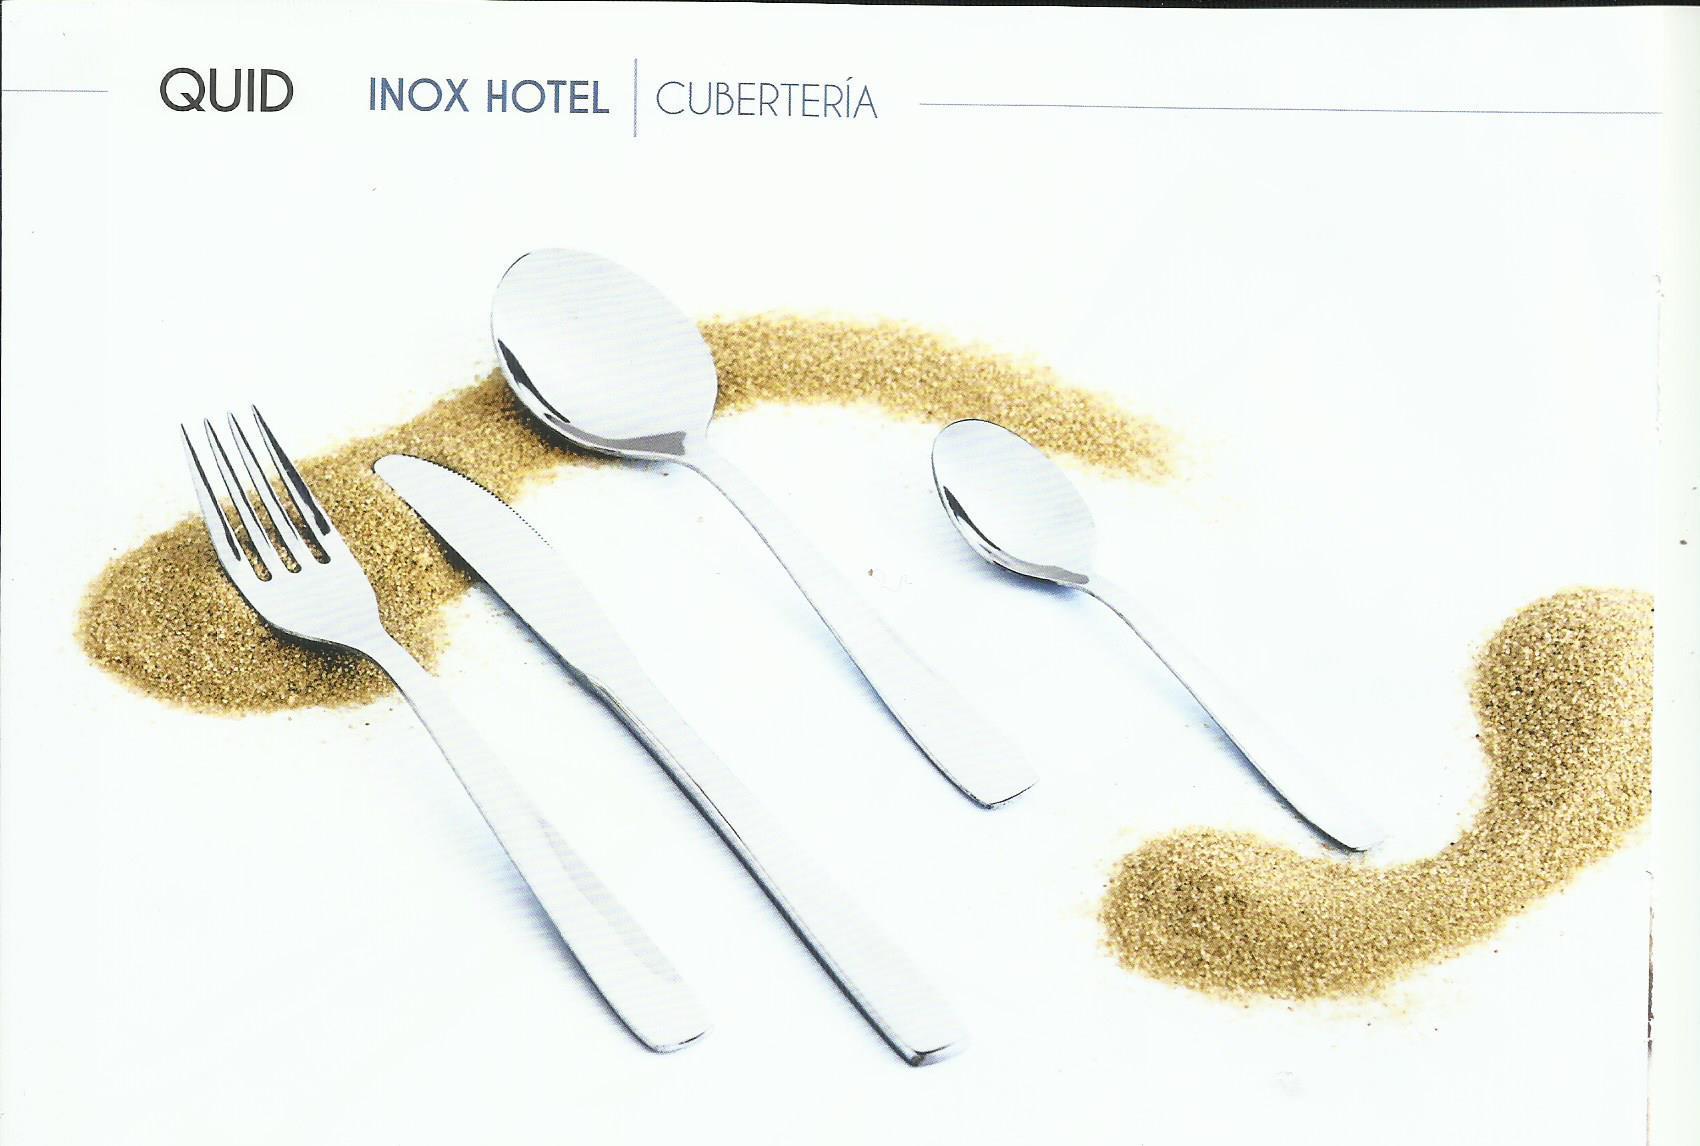 INOX HOTEL 18/0